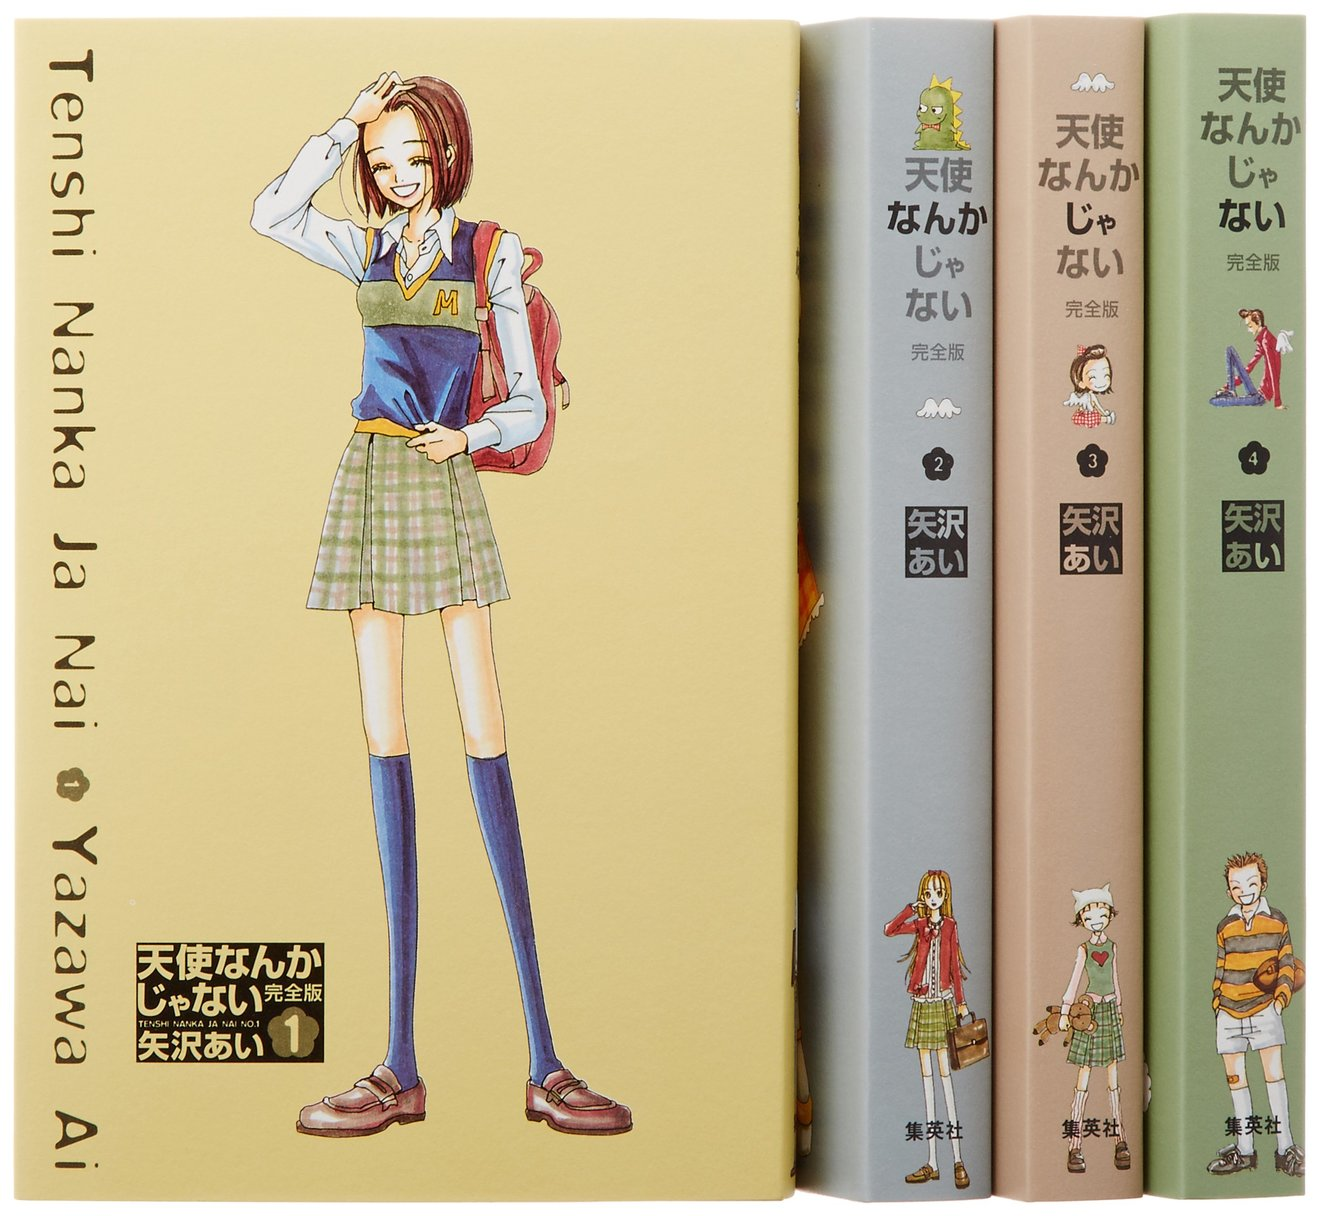 絶対に面白いおすすめ恋愛漫画24選!胸キュンラブストーリーは突然に